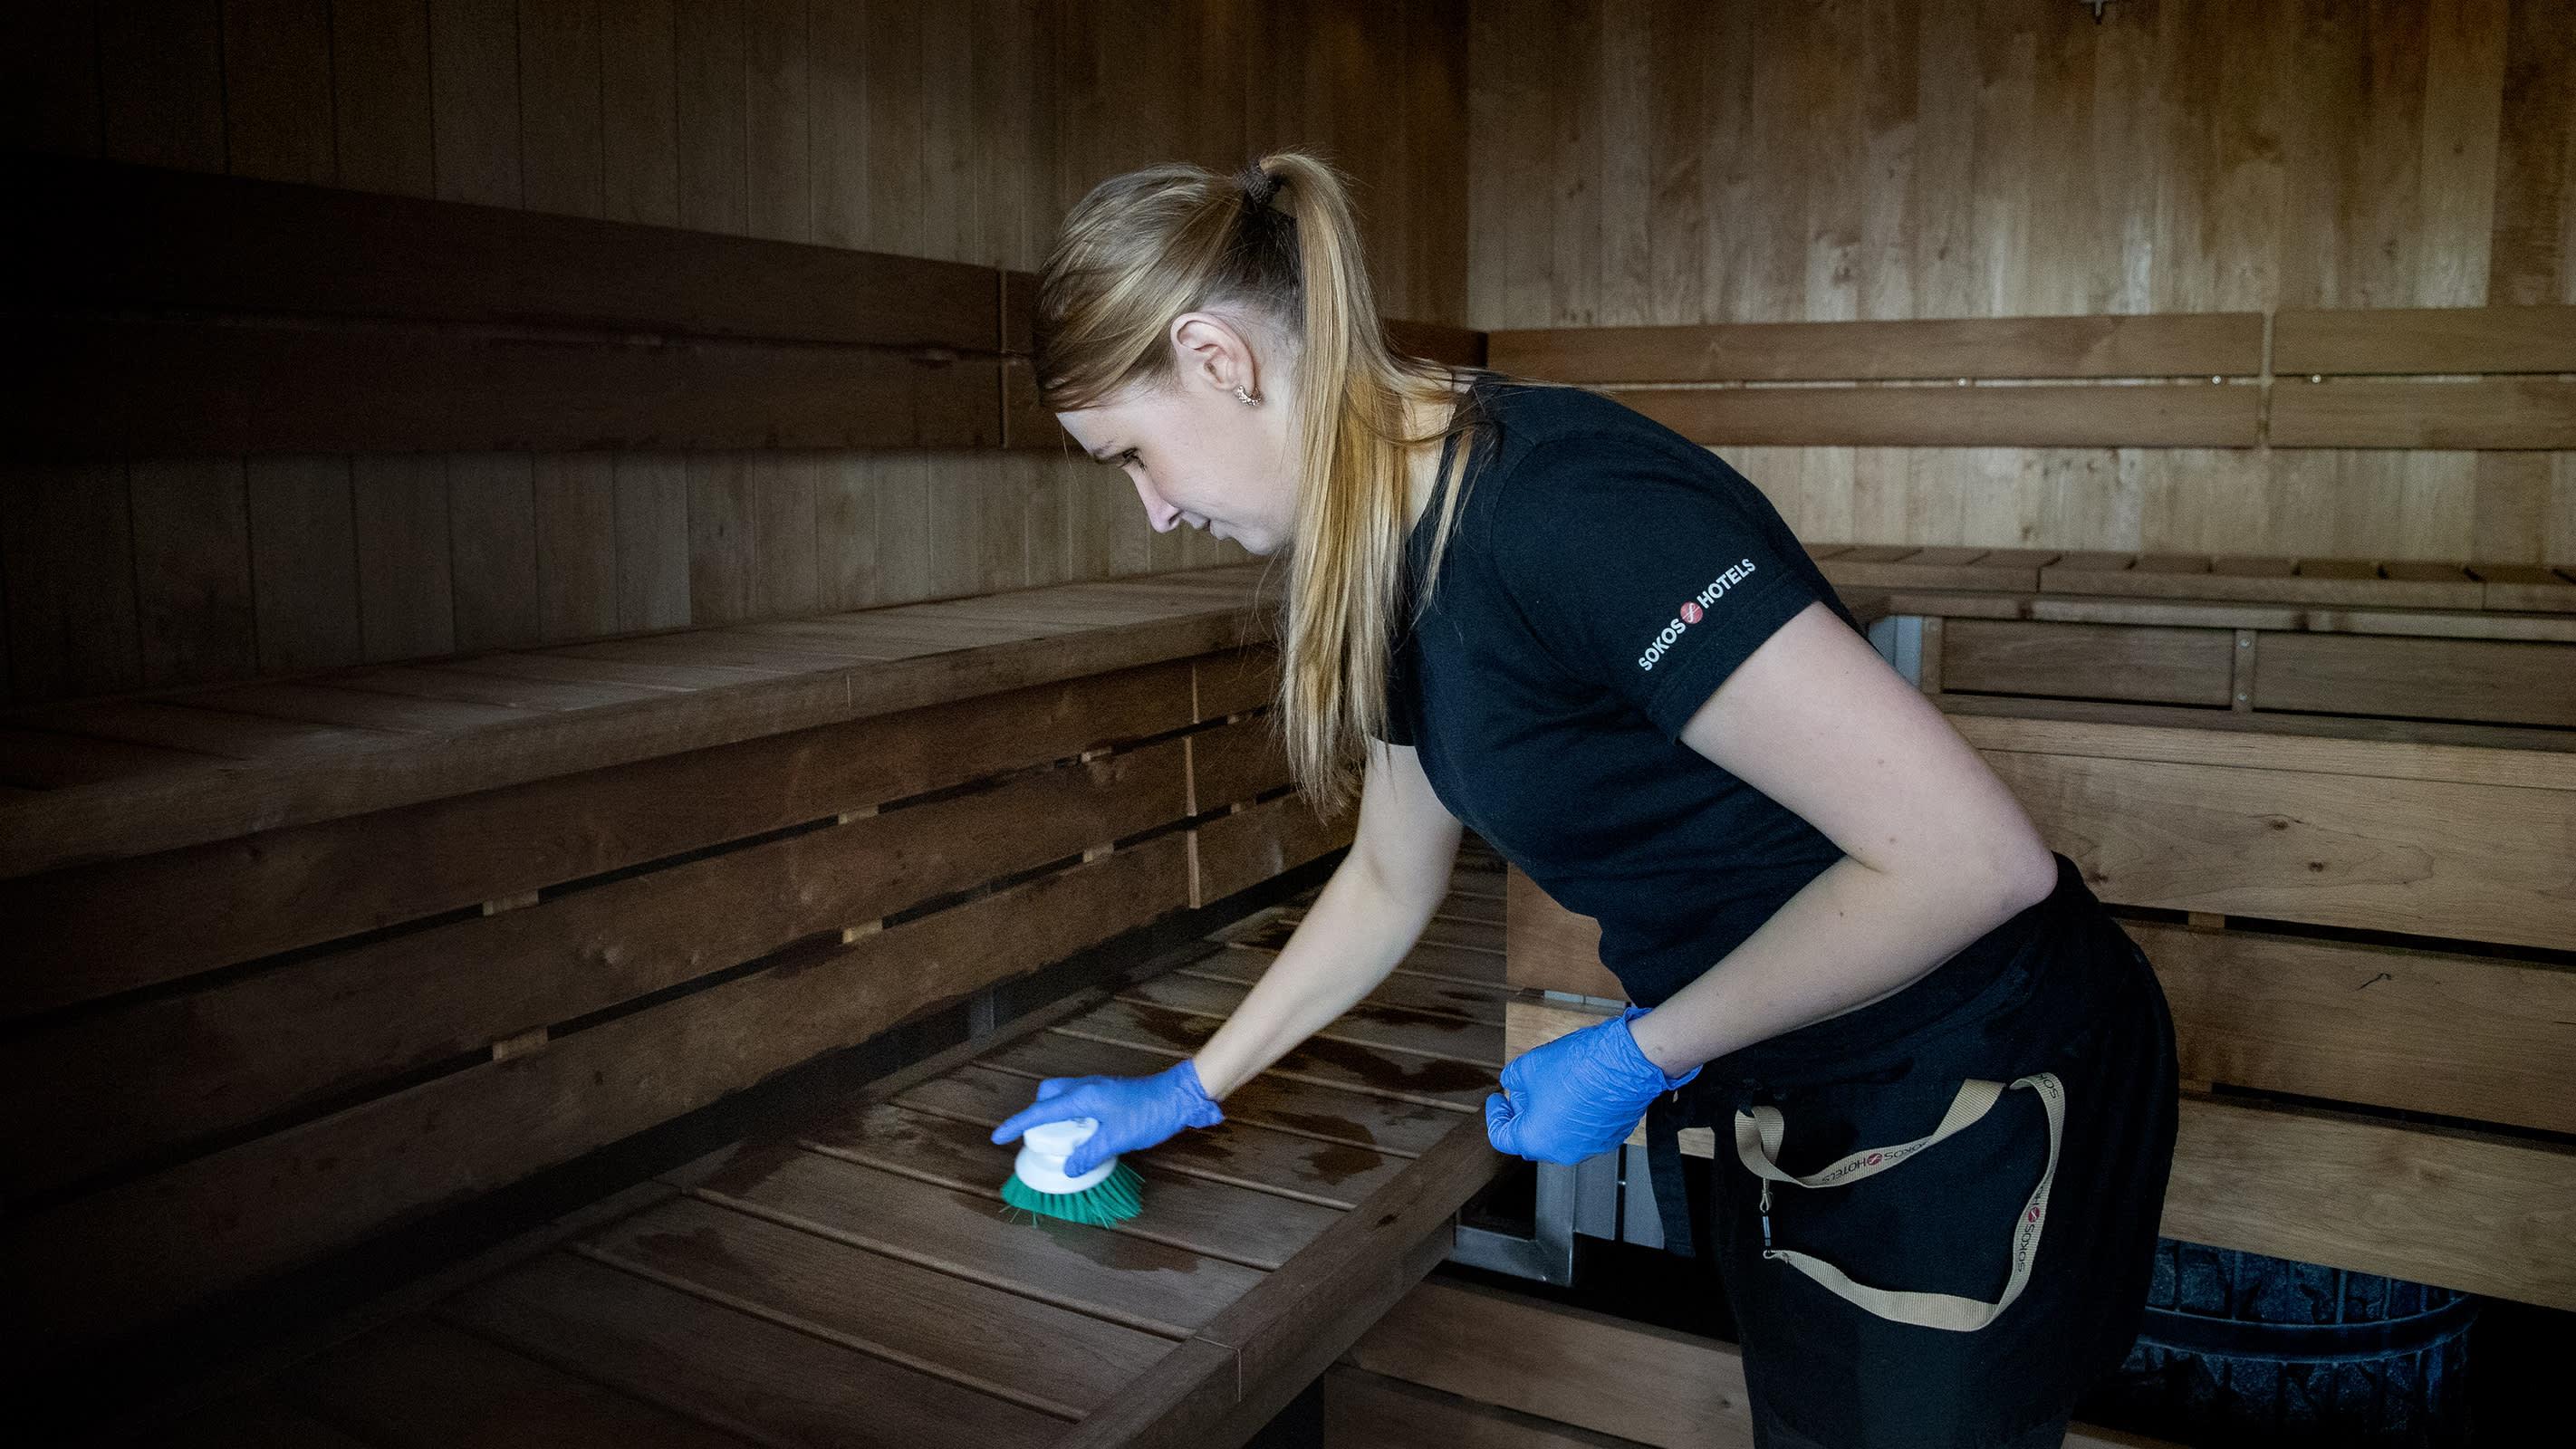 Siivooja jynssää pyöräharjalla Hotelli Paviljongin miesten saunan lauteita Jyväskylässä.